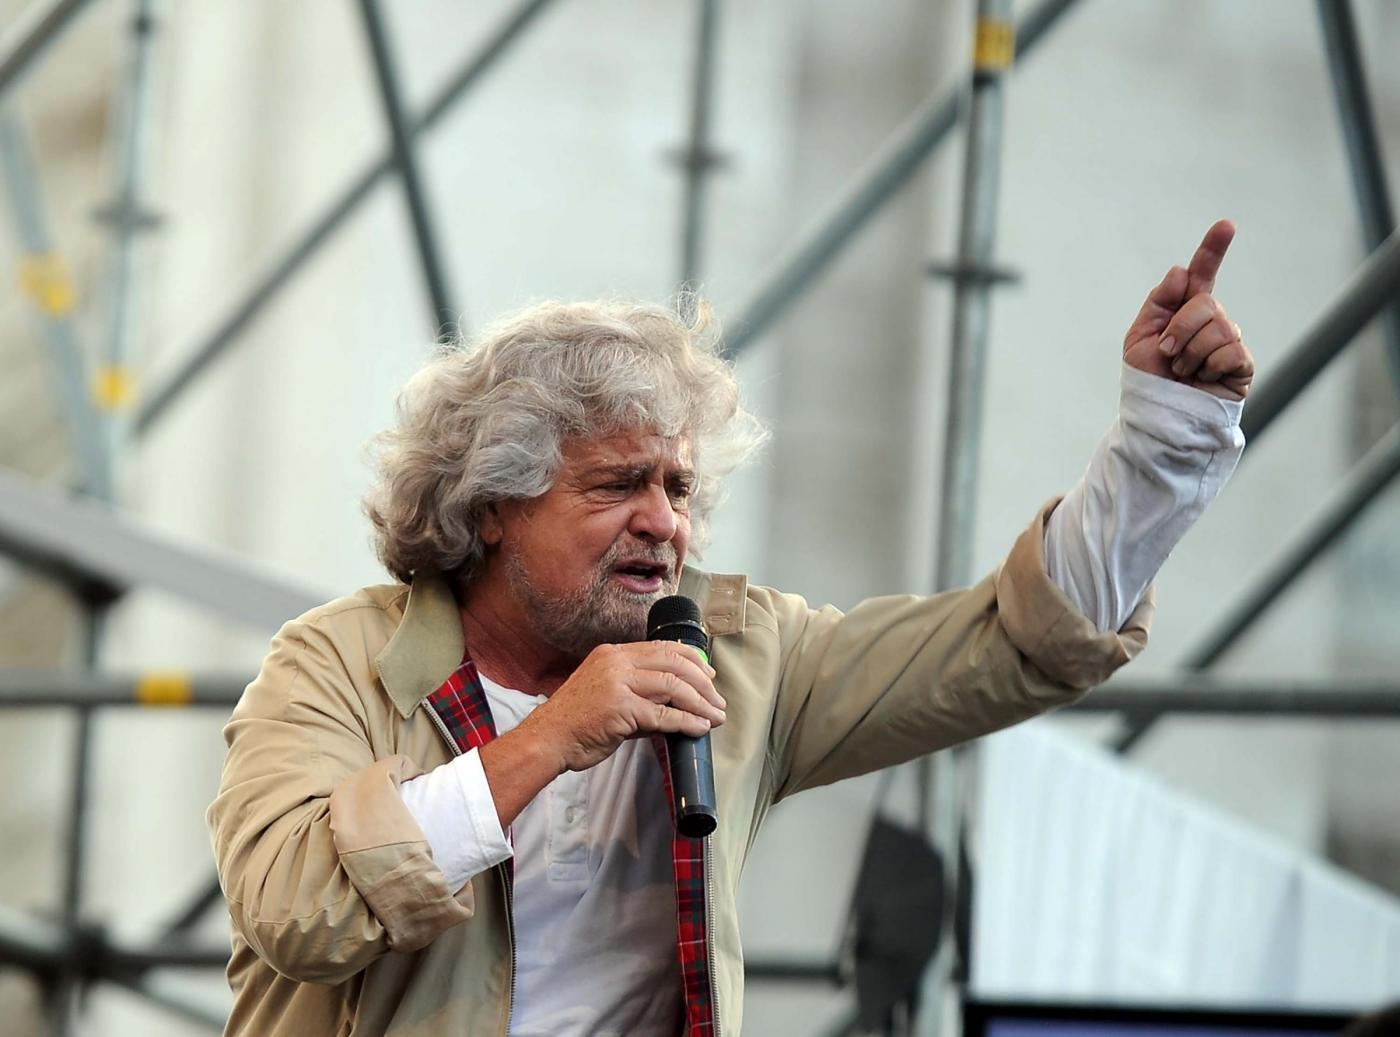 Movimento 5 Stelle in crisi: Beppe Grillo contro Luigi Di Maio